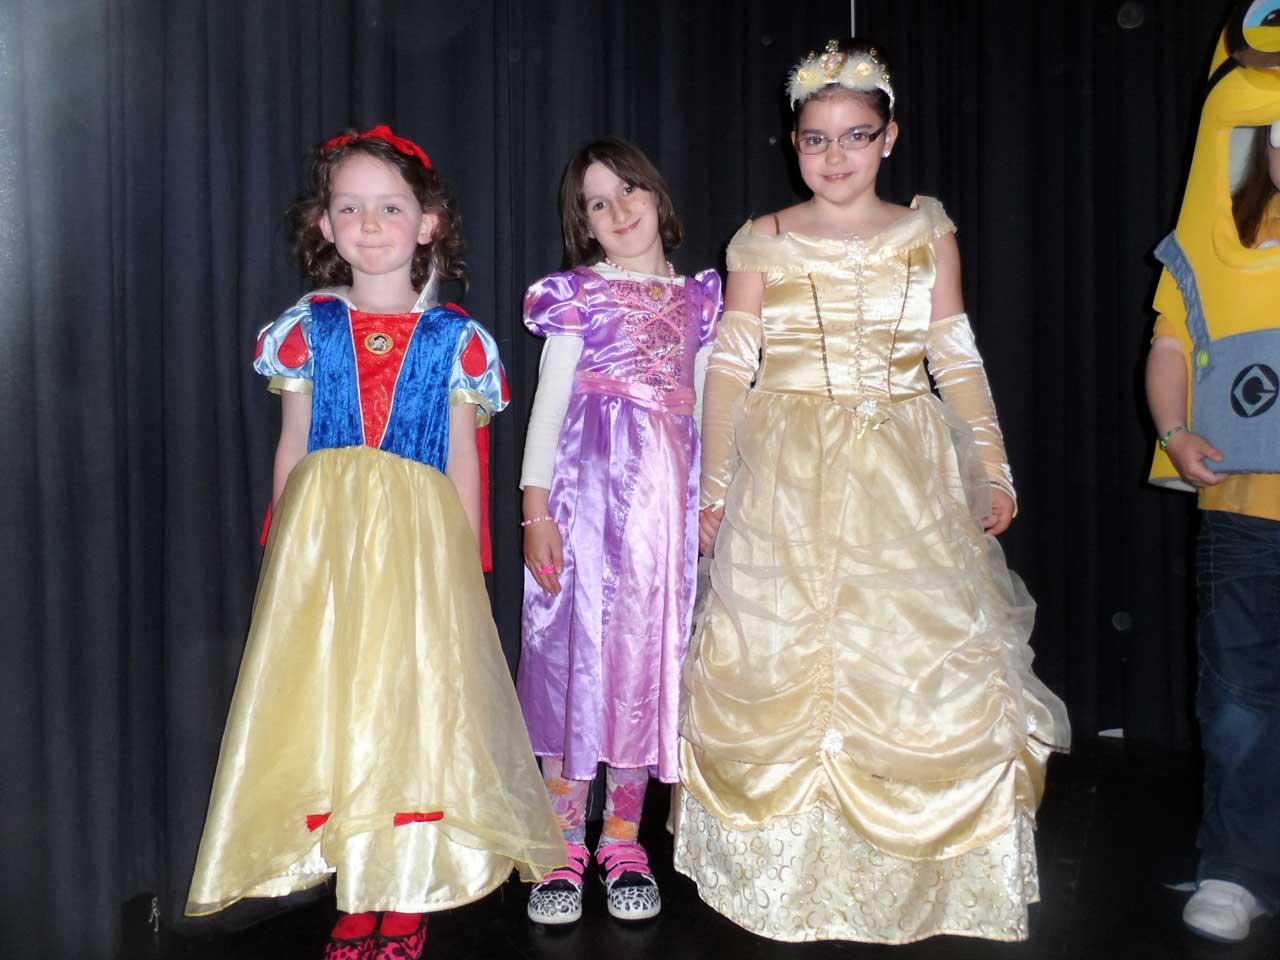 Photo: Halkirk Gala 2014 - Children's Fancy Dress